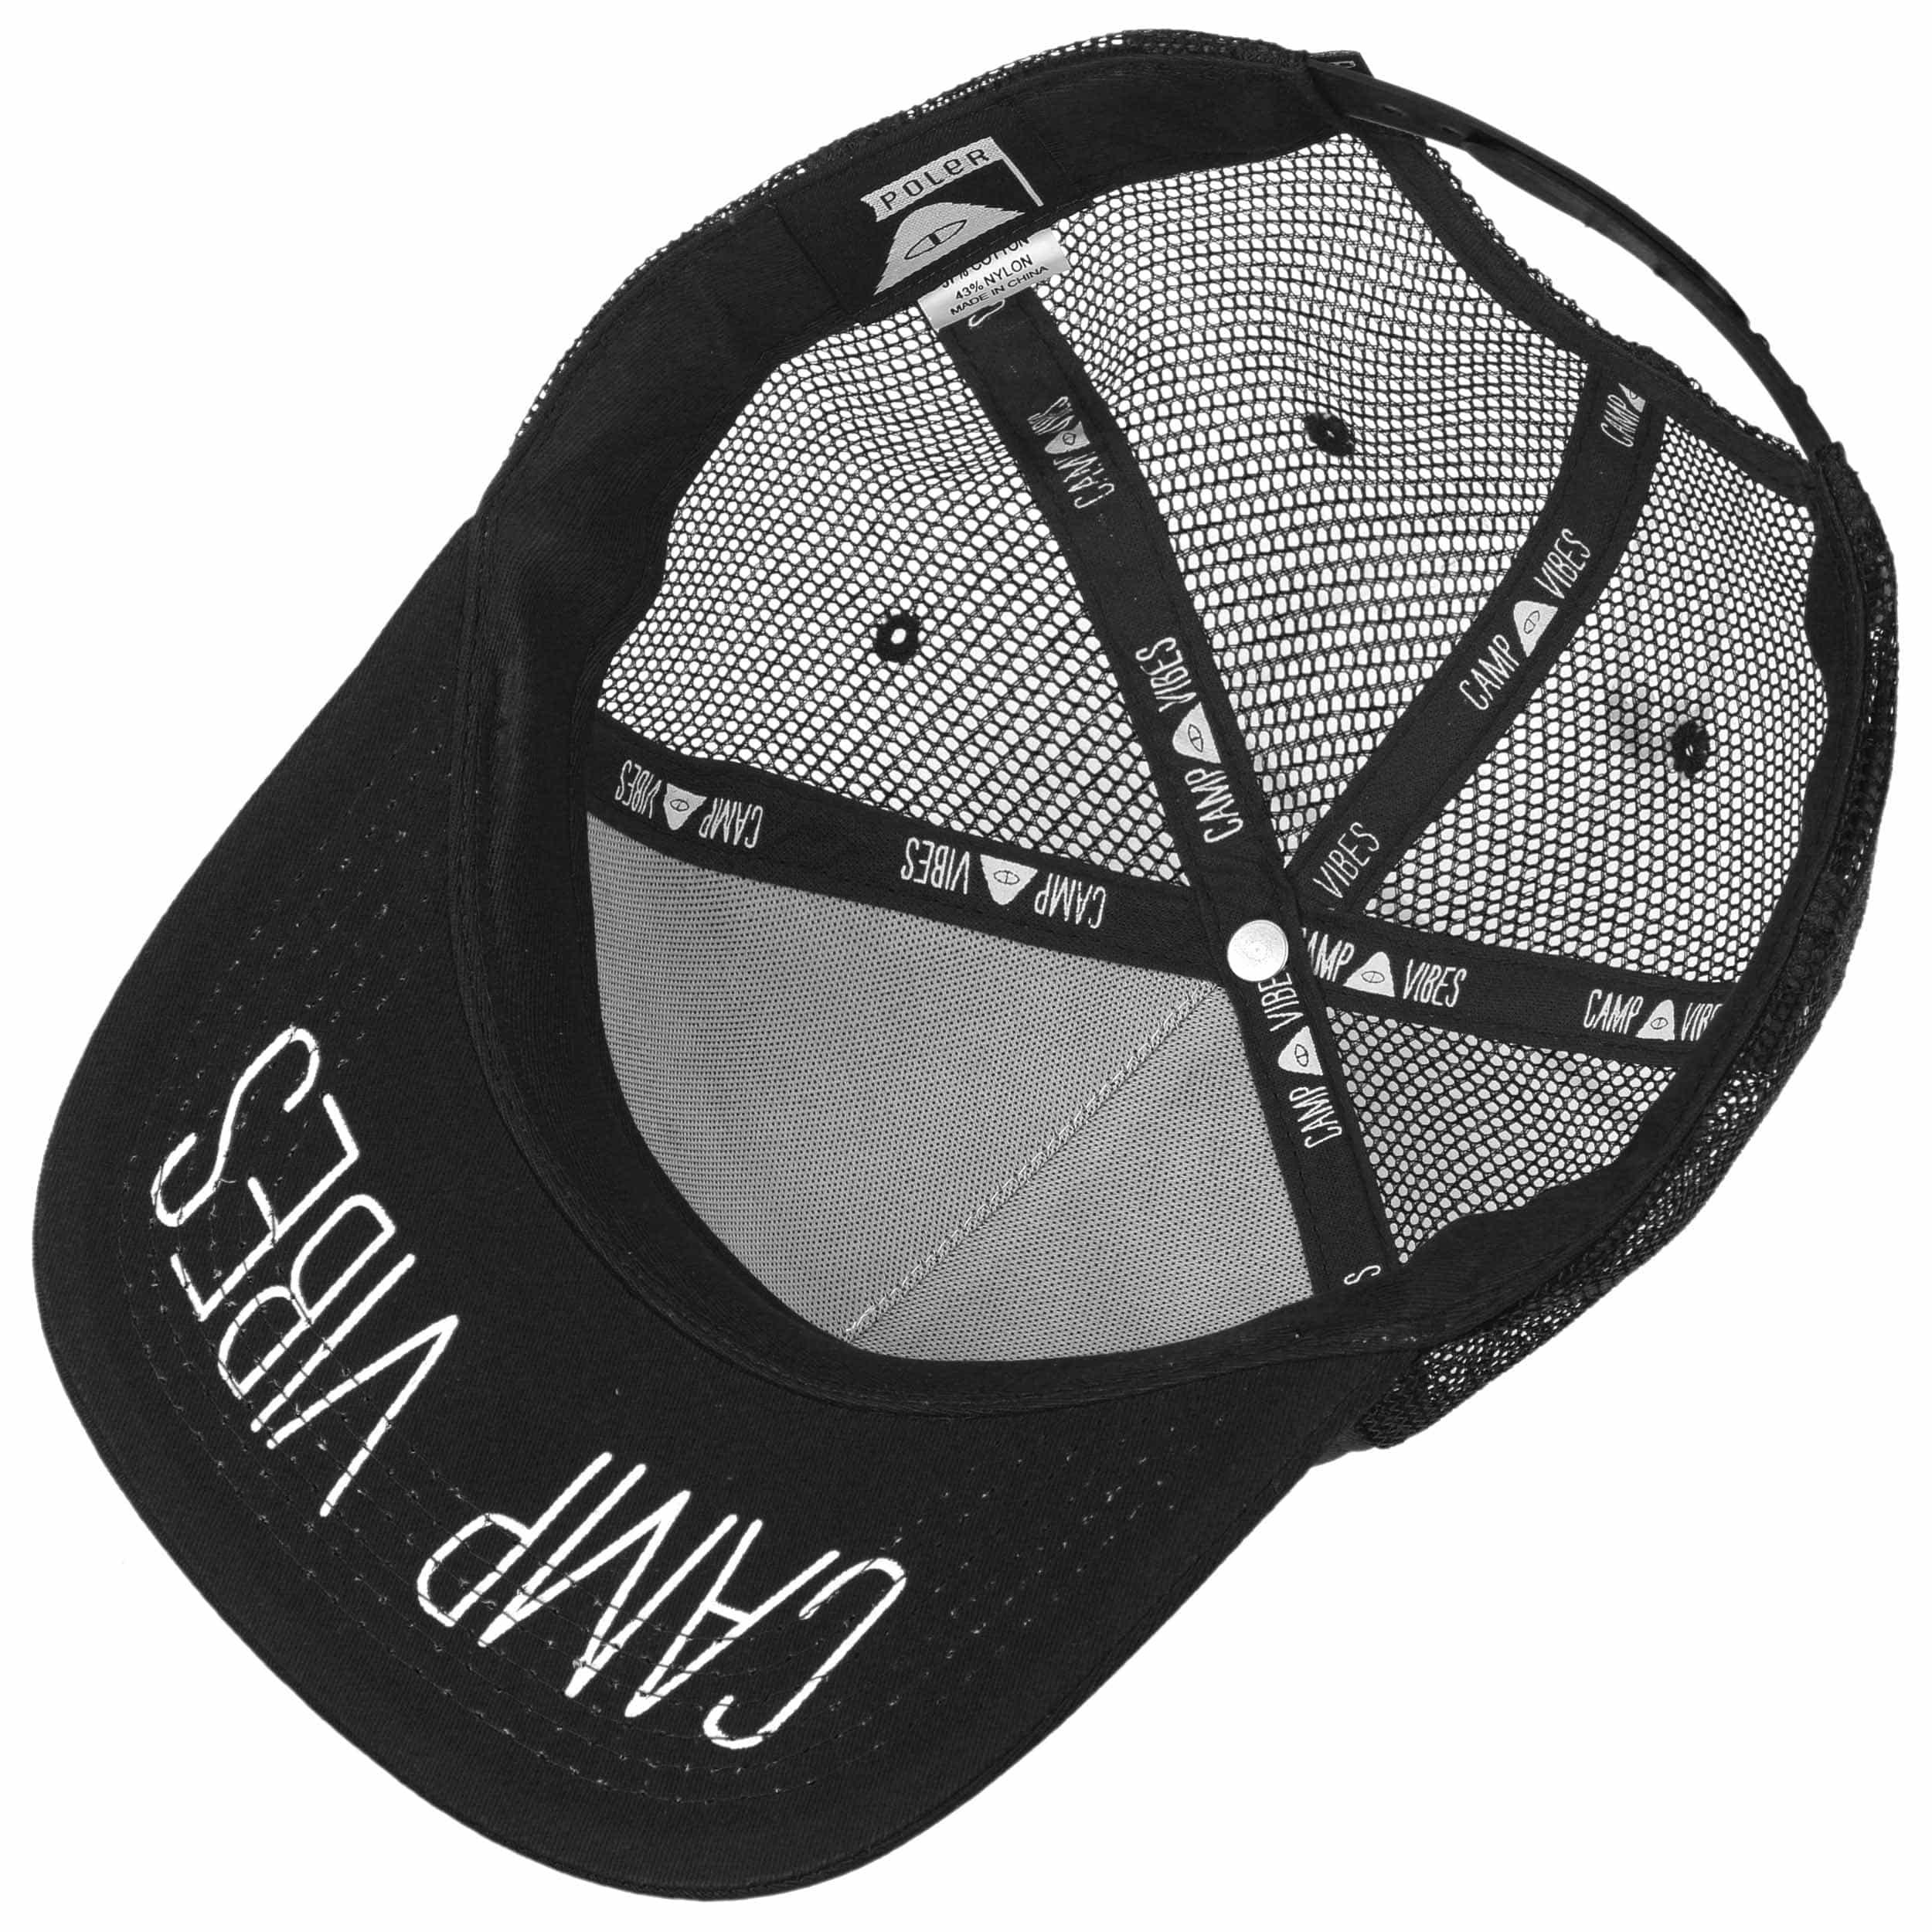 ... Summit Trucker Cap by Poler - black 2 ... a66530748ee6